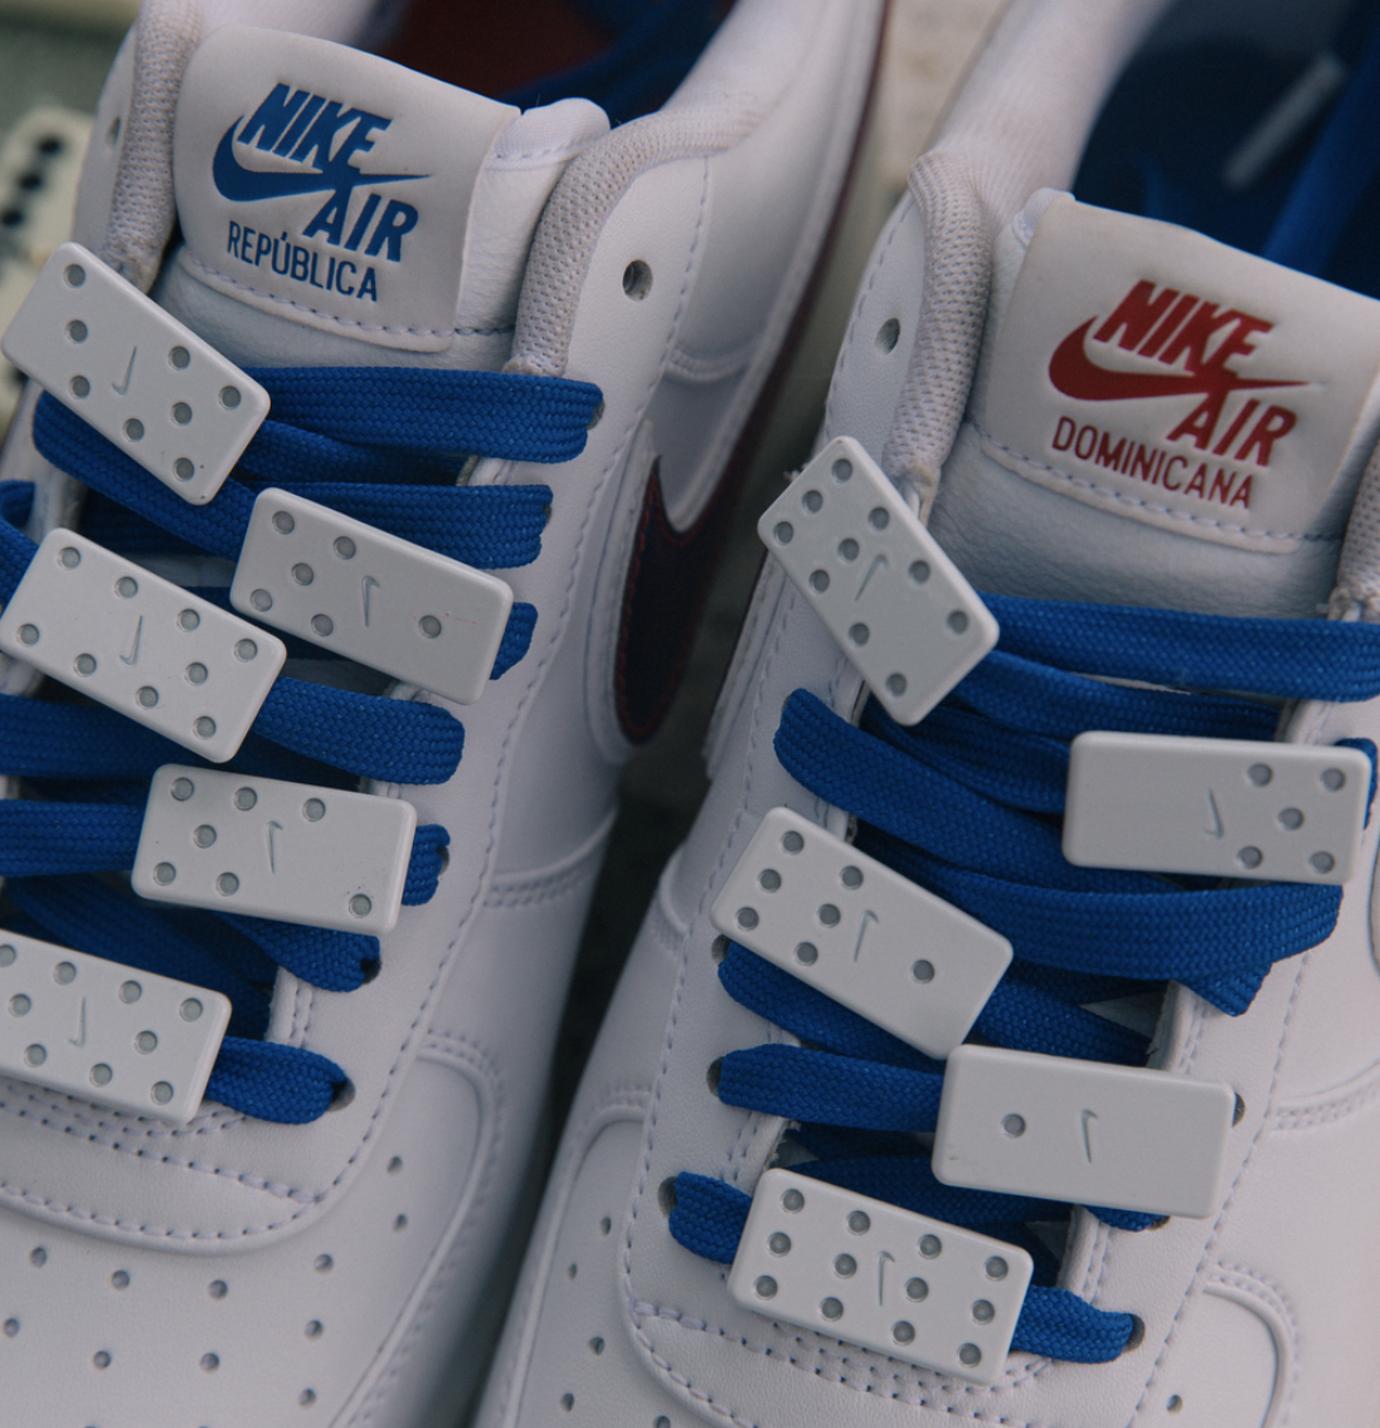 Marca comercial lapso derrochador  nike-air-force-1-dominican-republic-2 | Nike air, Nike, Nike air force